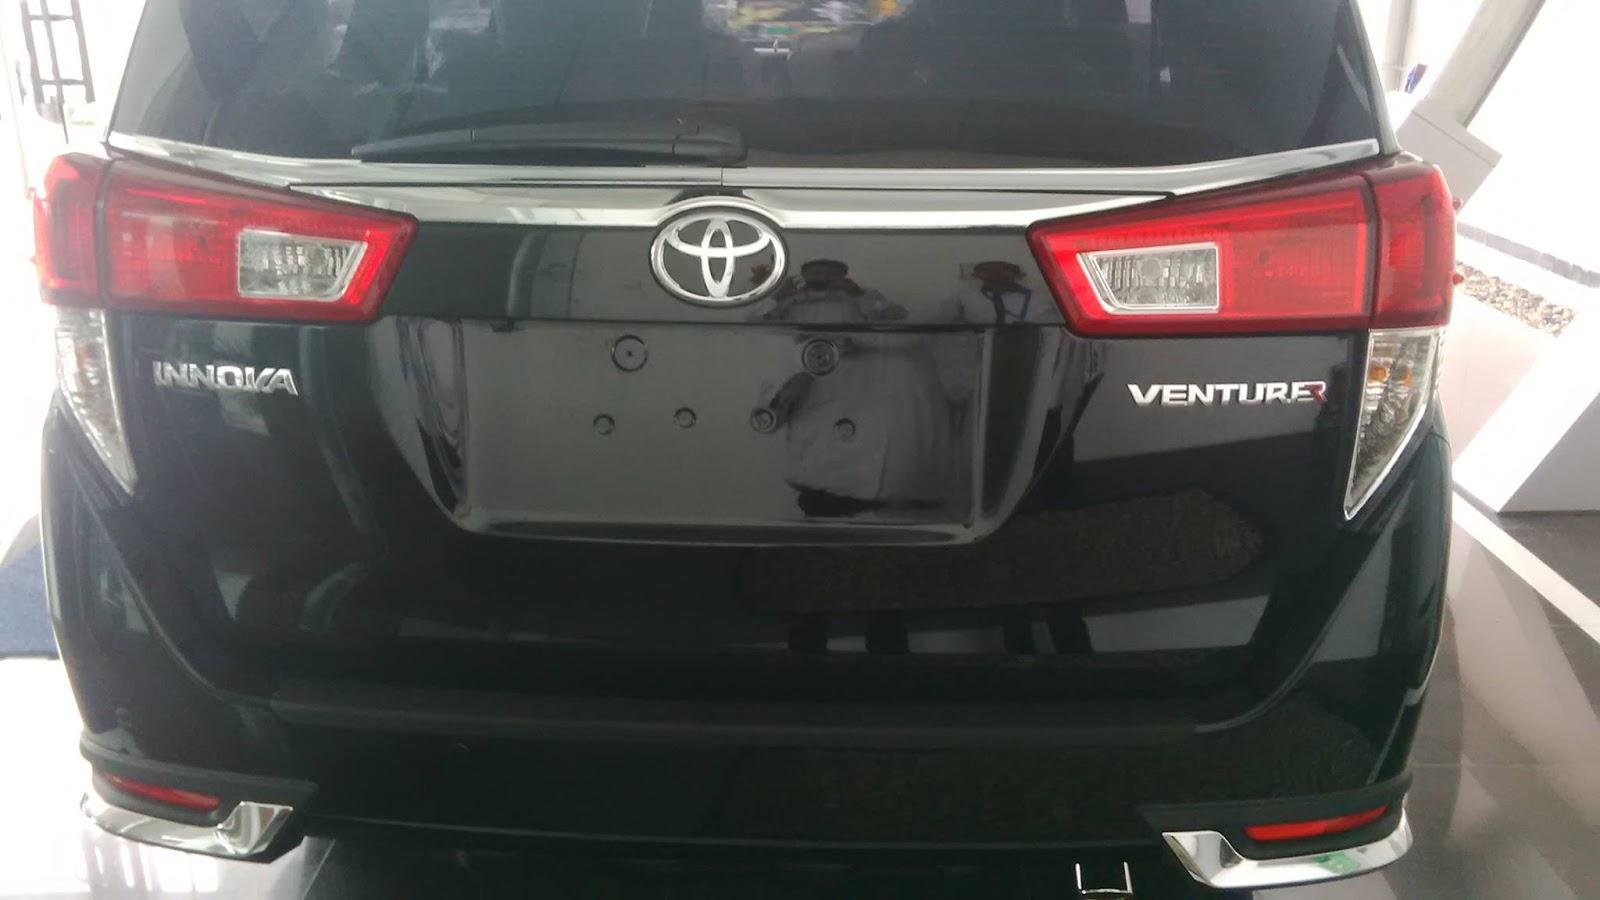 perbedaan new innova dan venturer tanduk depan grand veloz toyota kijang 2017 otomotif indonesia menggunakan aksen over fender beberapa krom menghiasi bodi peleknya juga pakai desain baru dengan dilabur kelir hitam